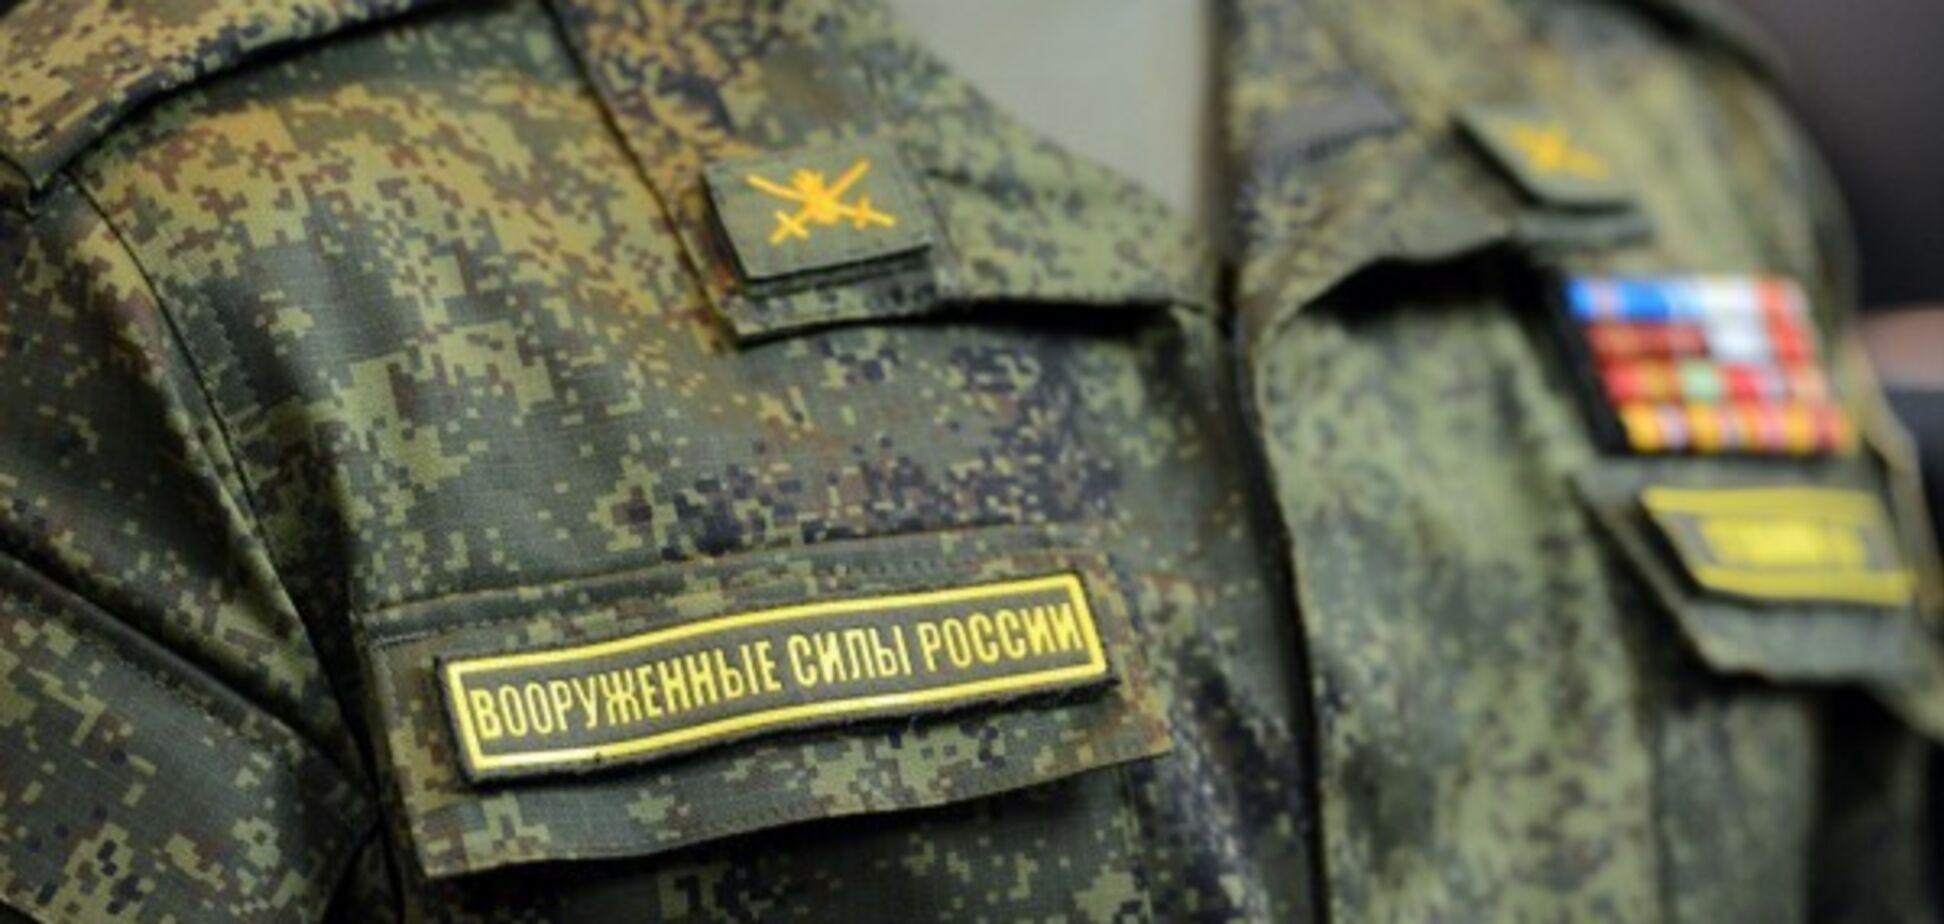 Працювали в 11 областях: в Україні викрили агентів ГРУ Росії